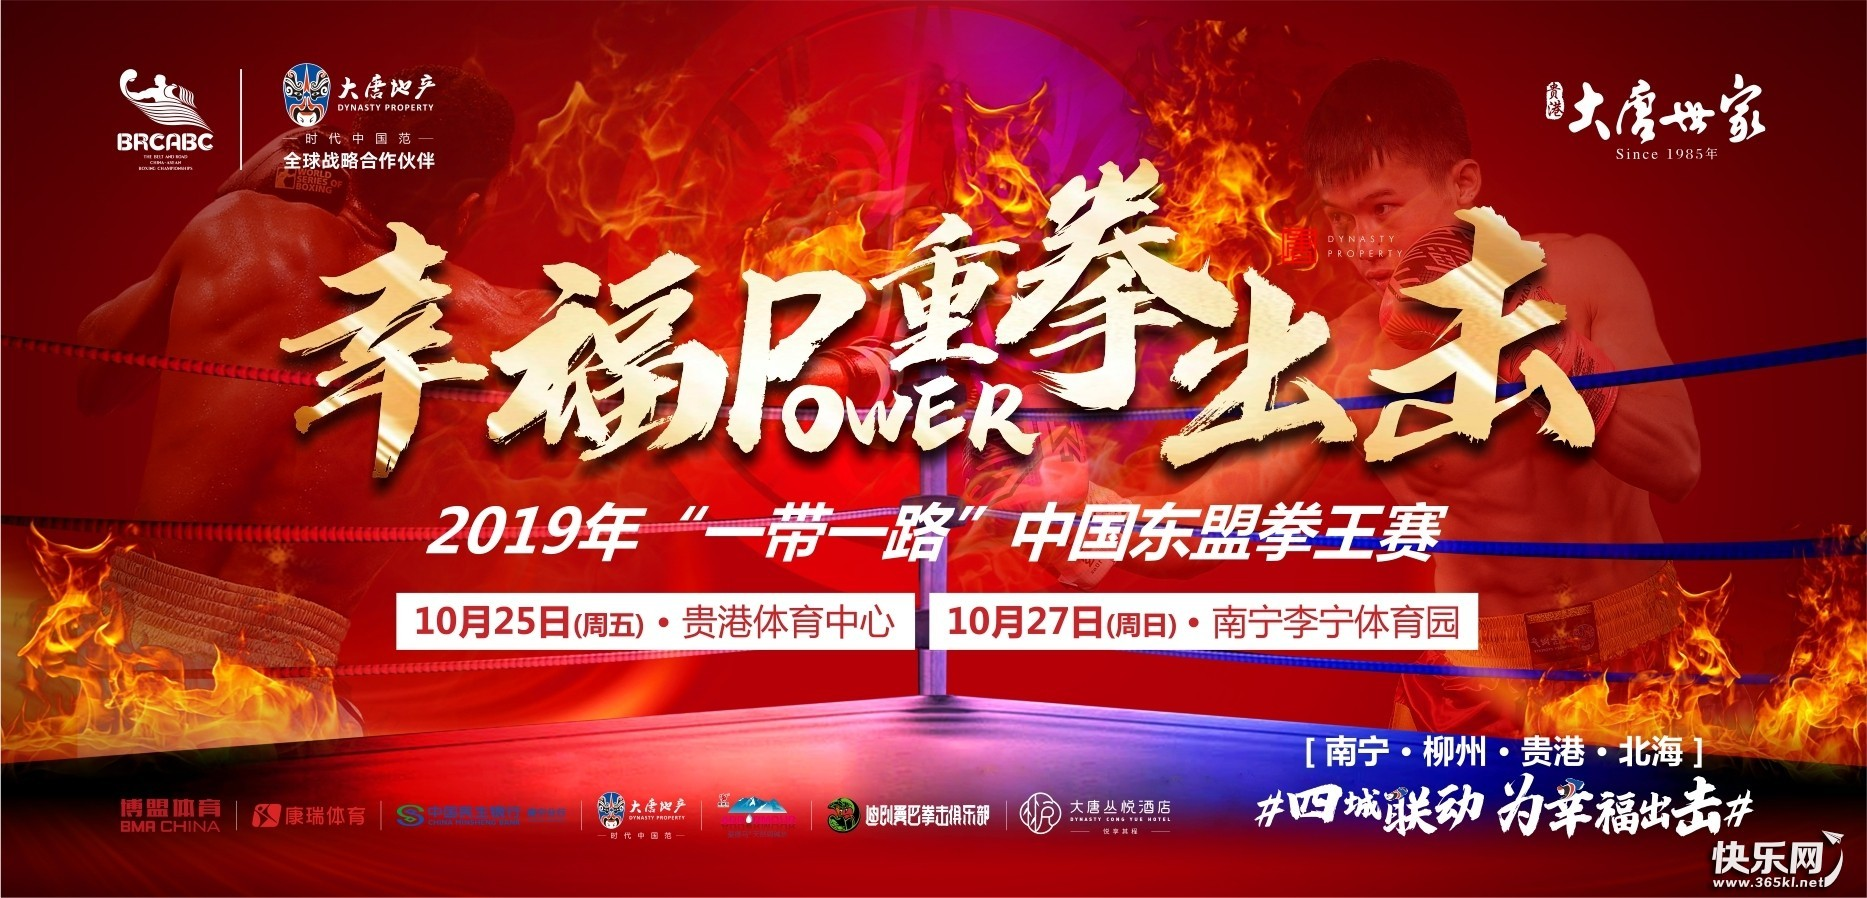 东盟十国顶级拳赛,10月25日将燃爆贵港!